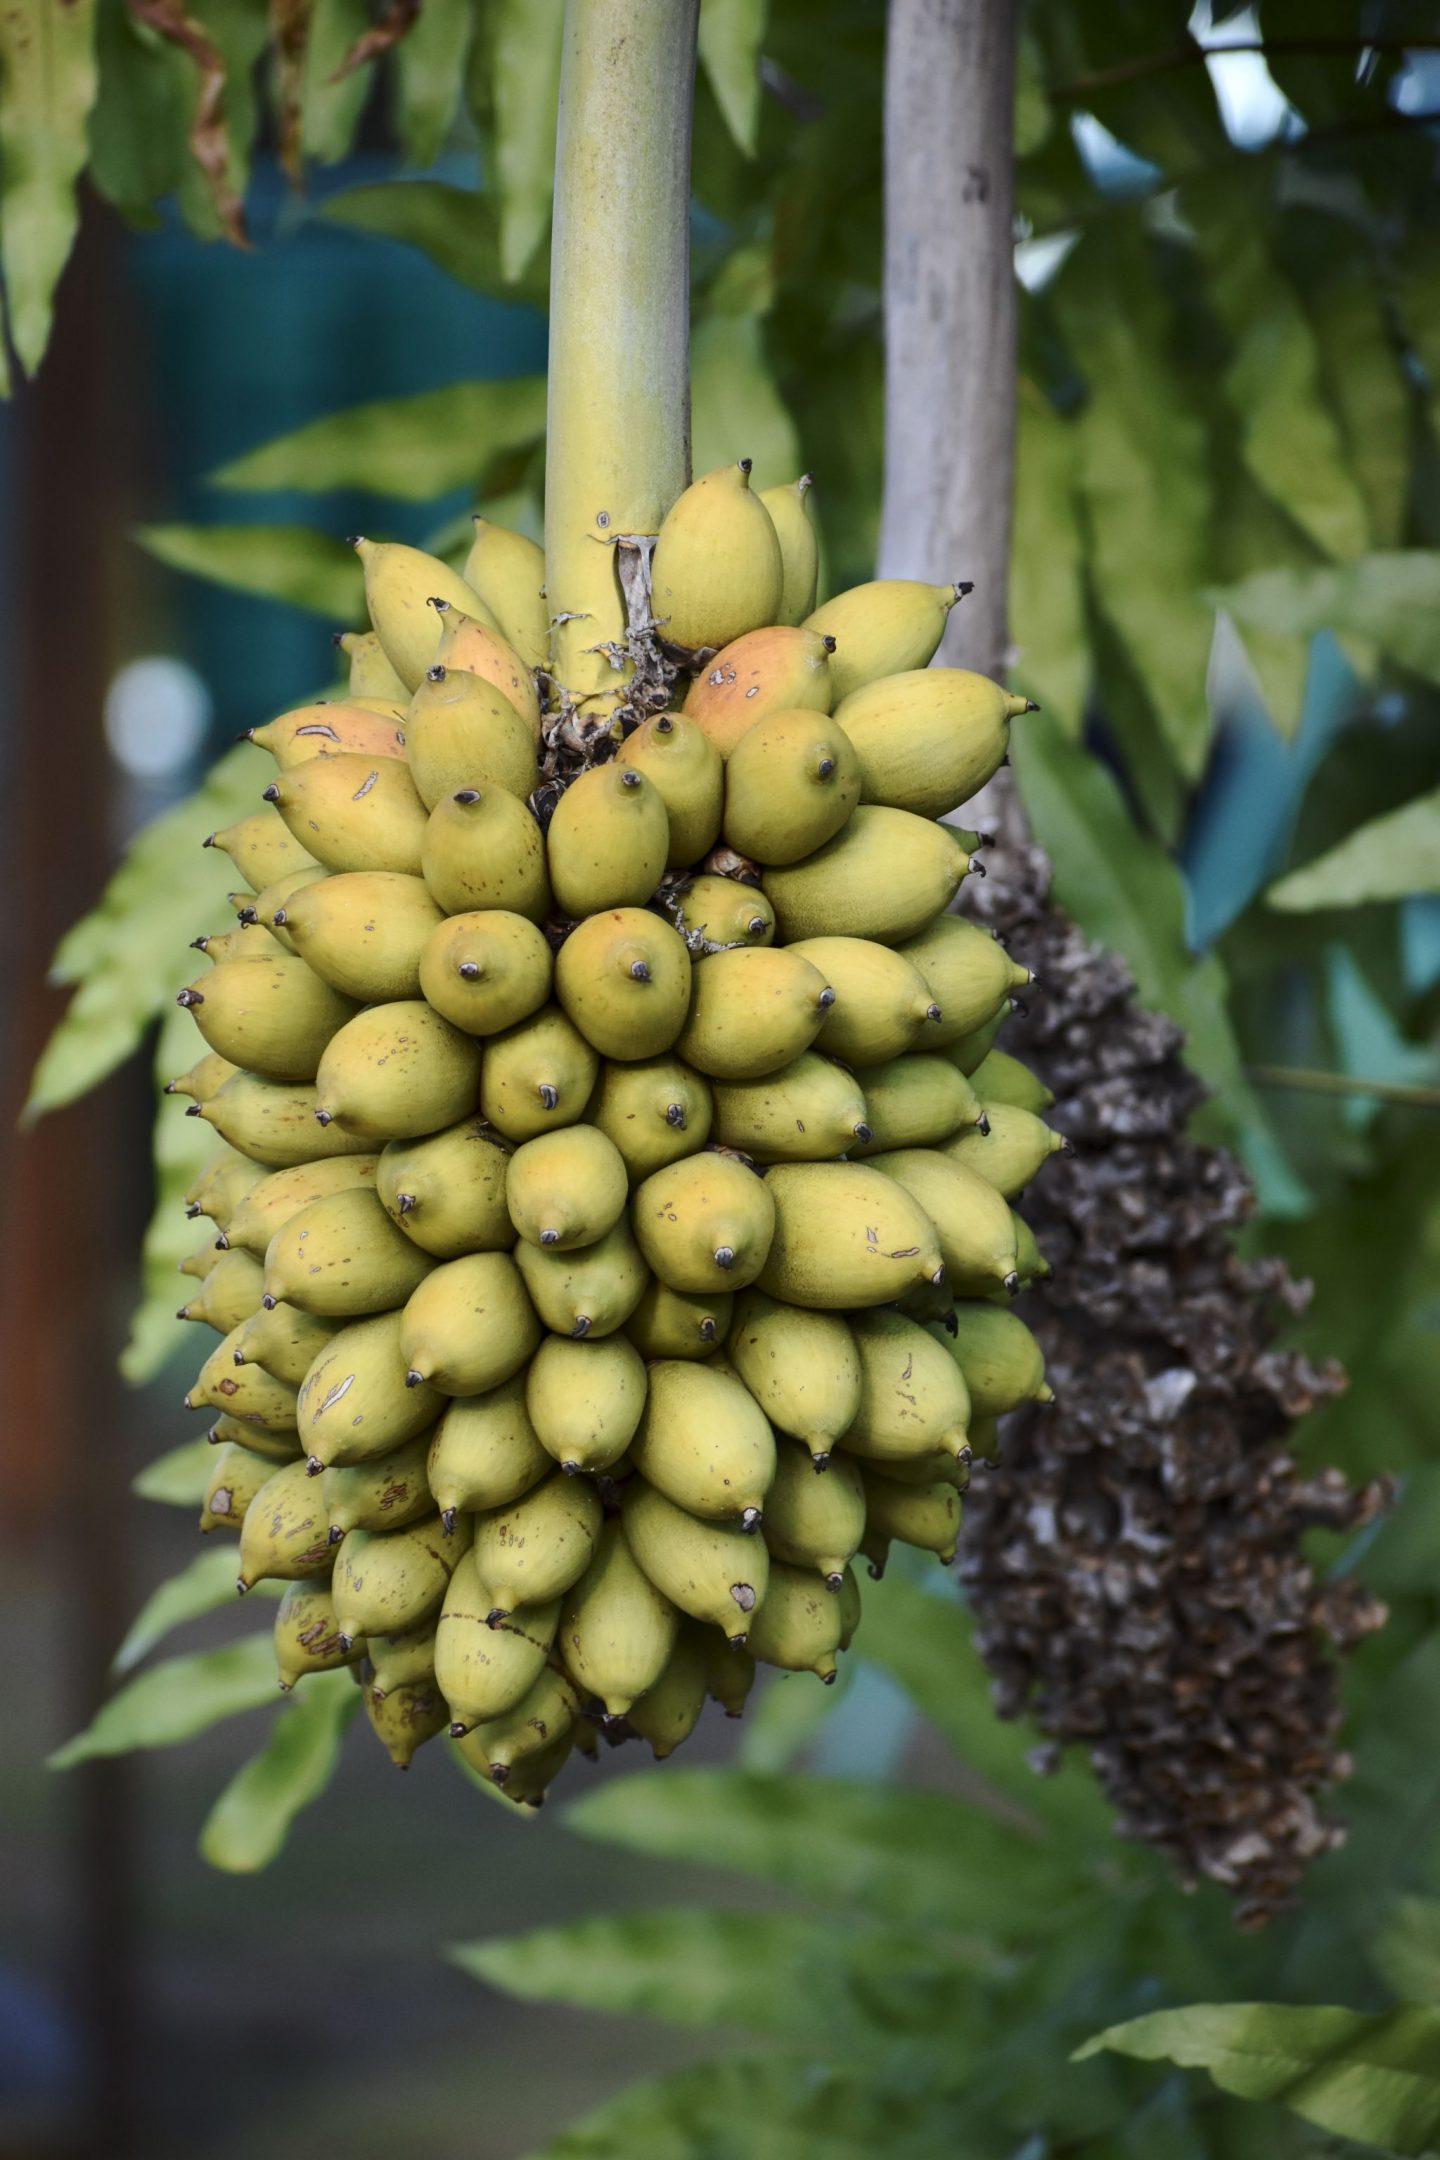 Brazilian fruit banana bunch